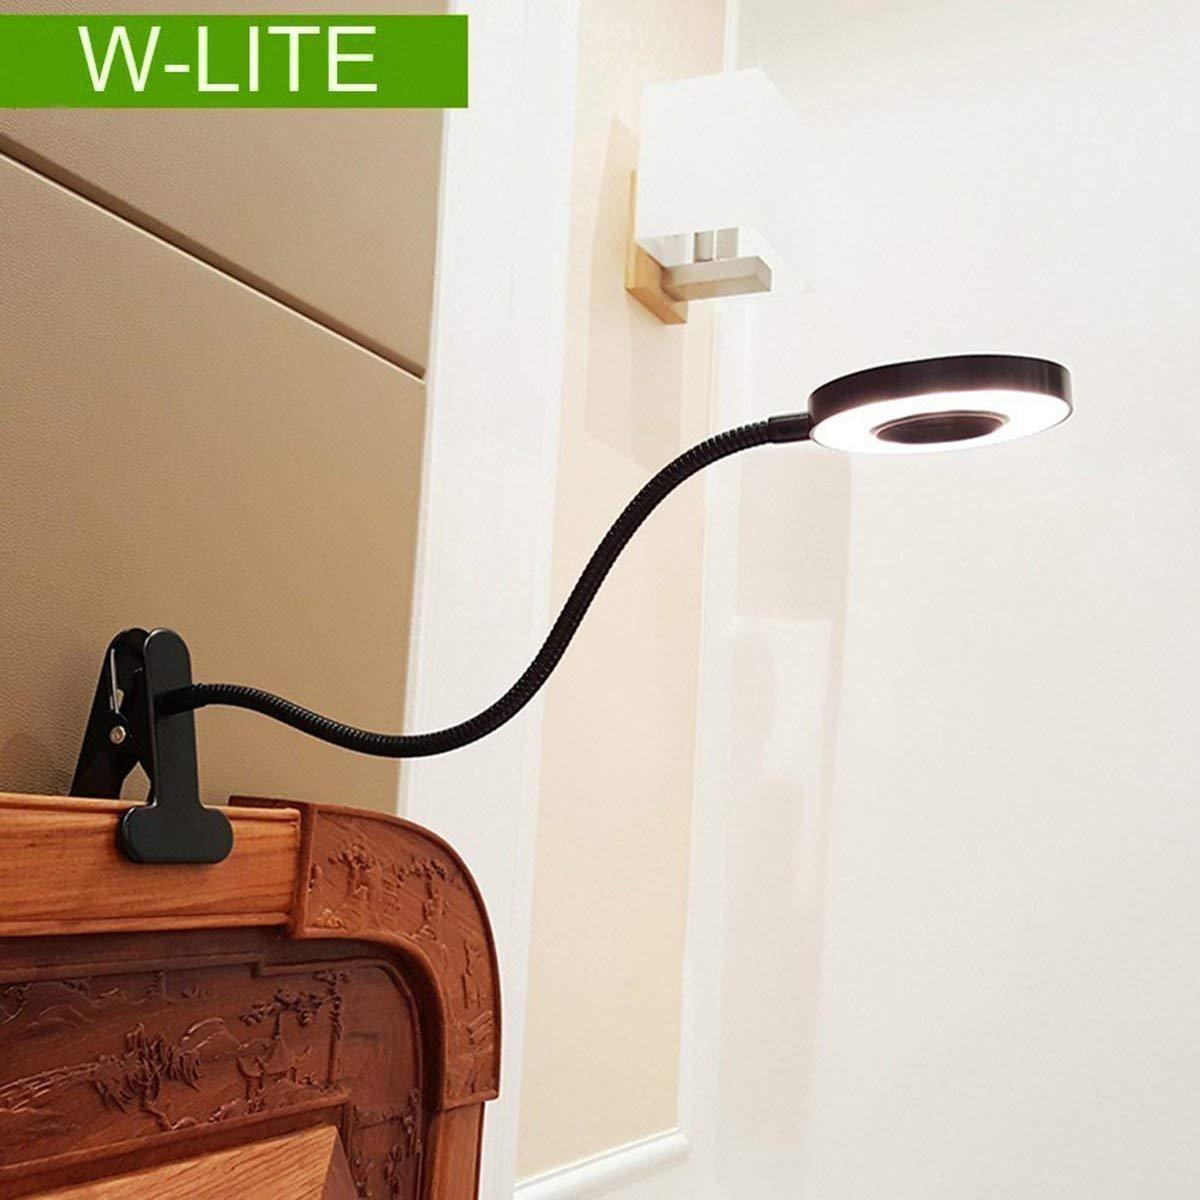 Lámpara flexo con pinza, Protección ocular, Funciona con USB, Se puede girar por 360 grados, Lámpara de mesa con brillo ajustable-Blanco frío y cálido, 6W Entrada 86-265V (negro) W-LITE